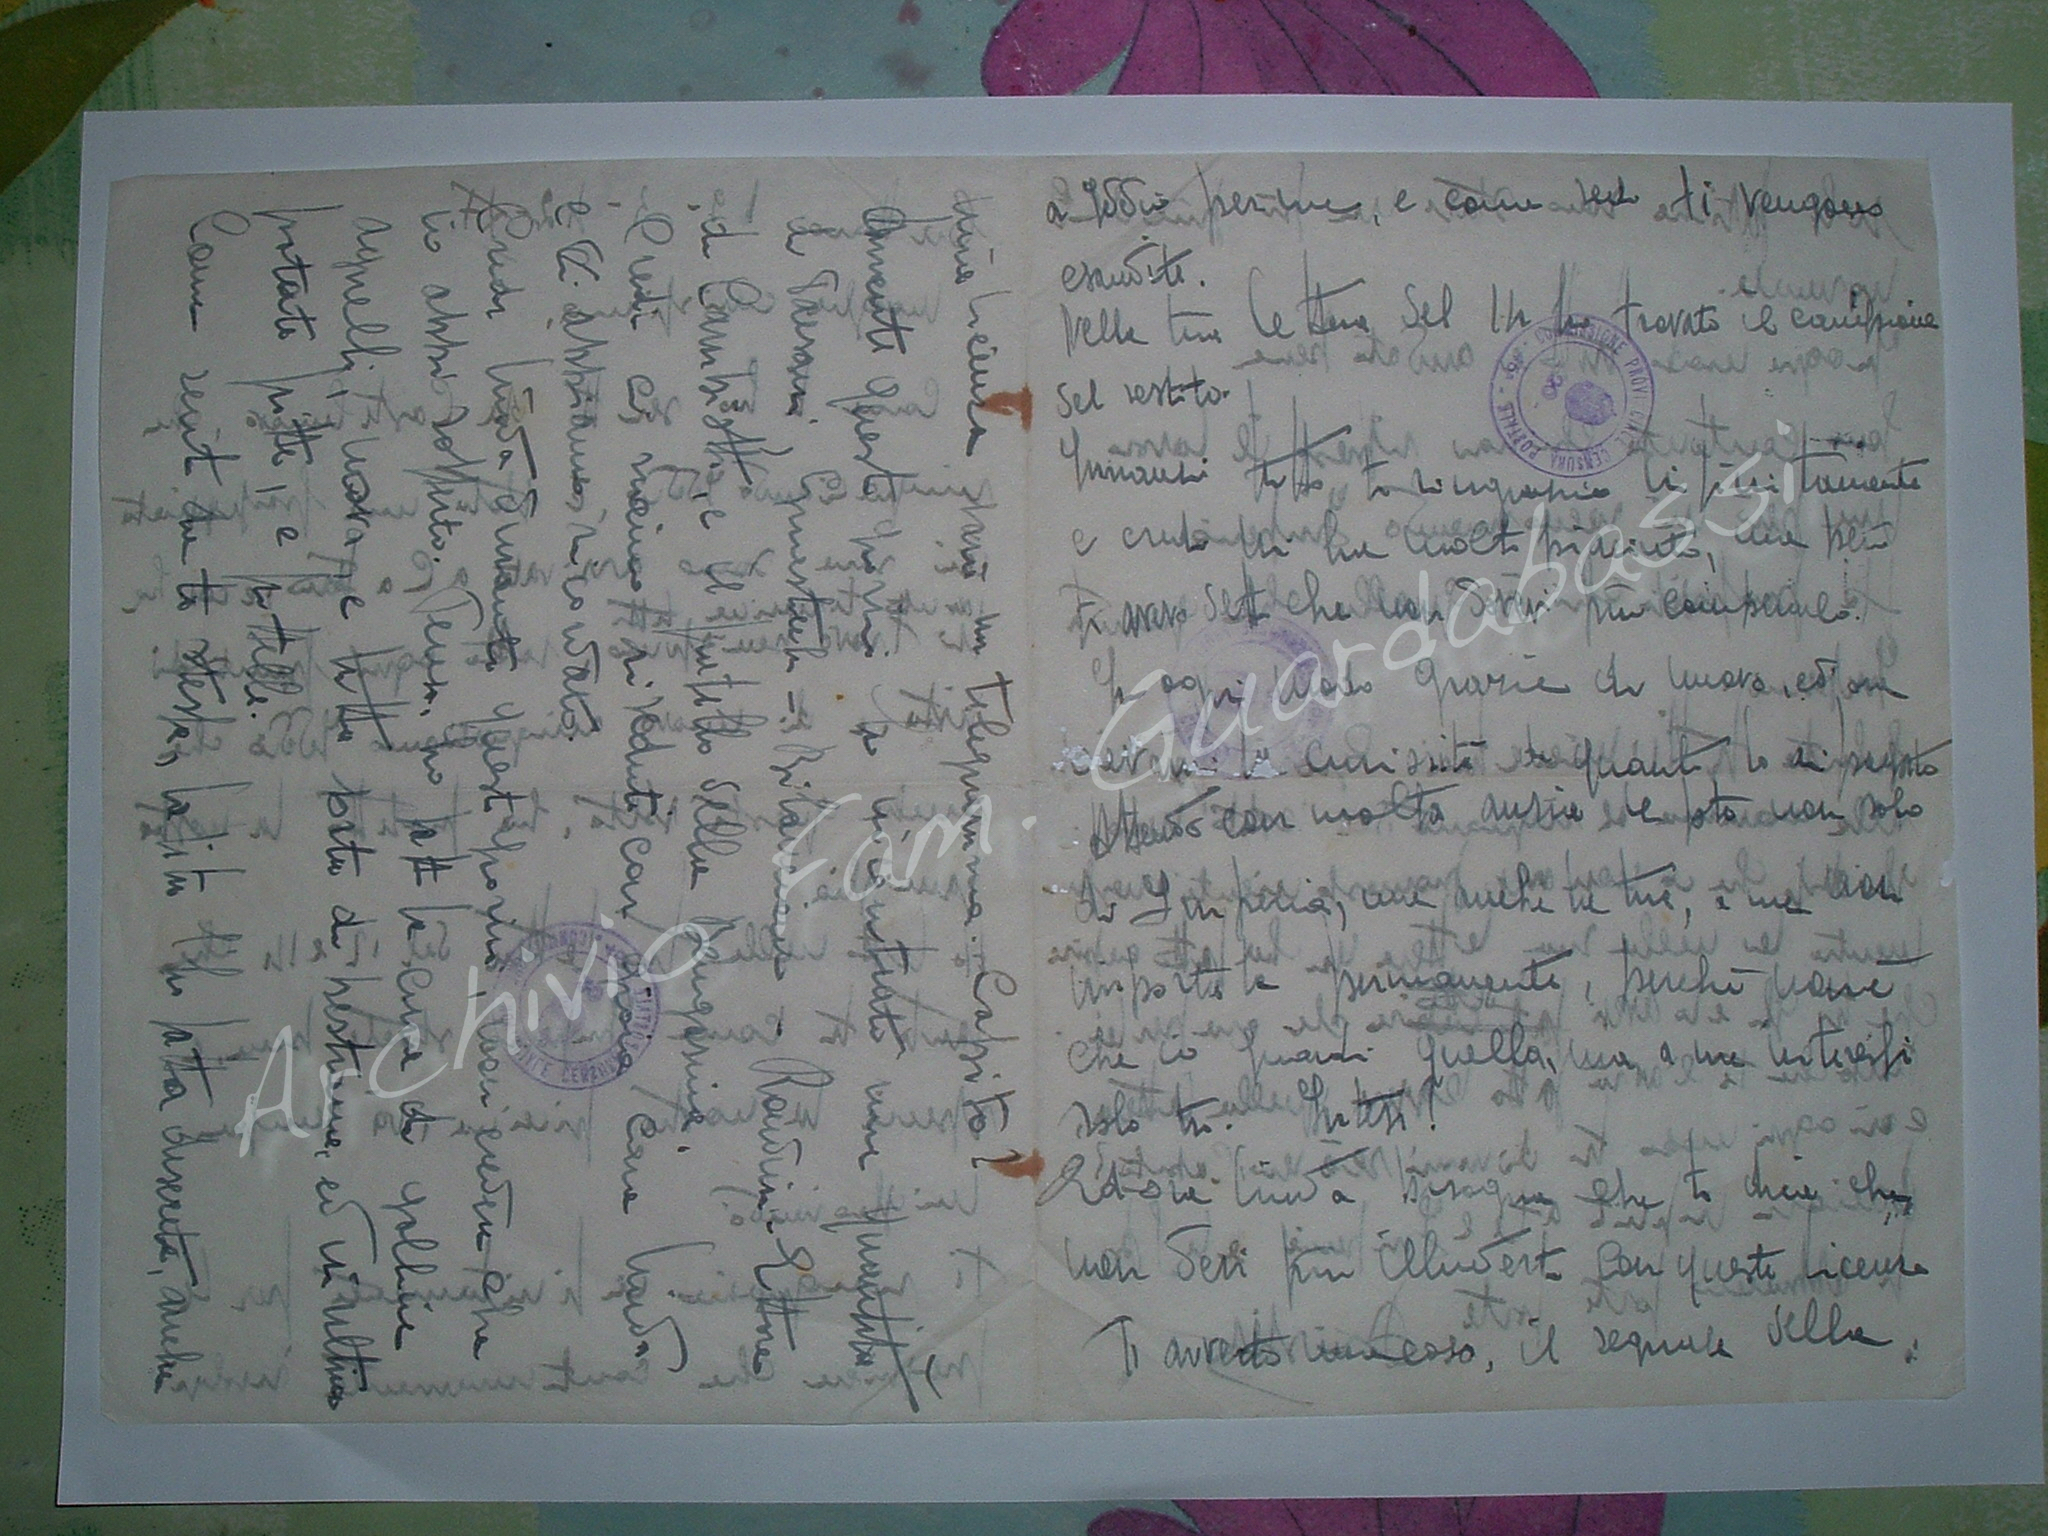 Lettera di esempio